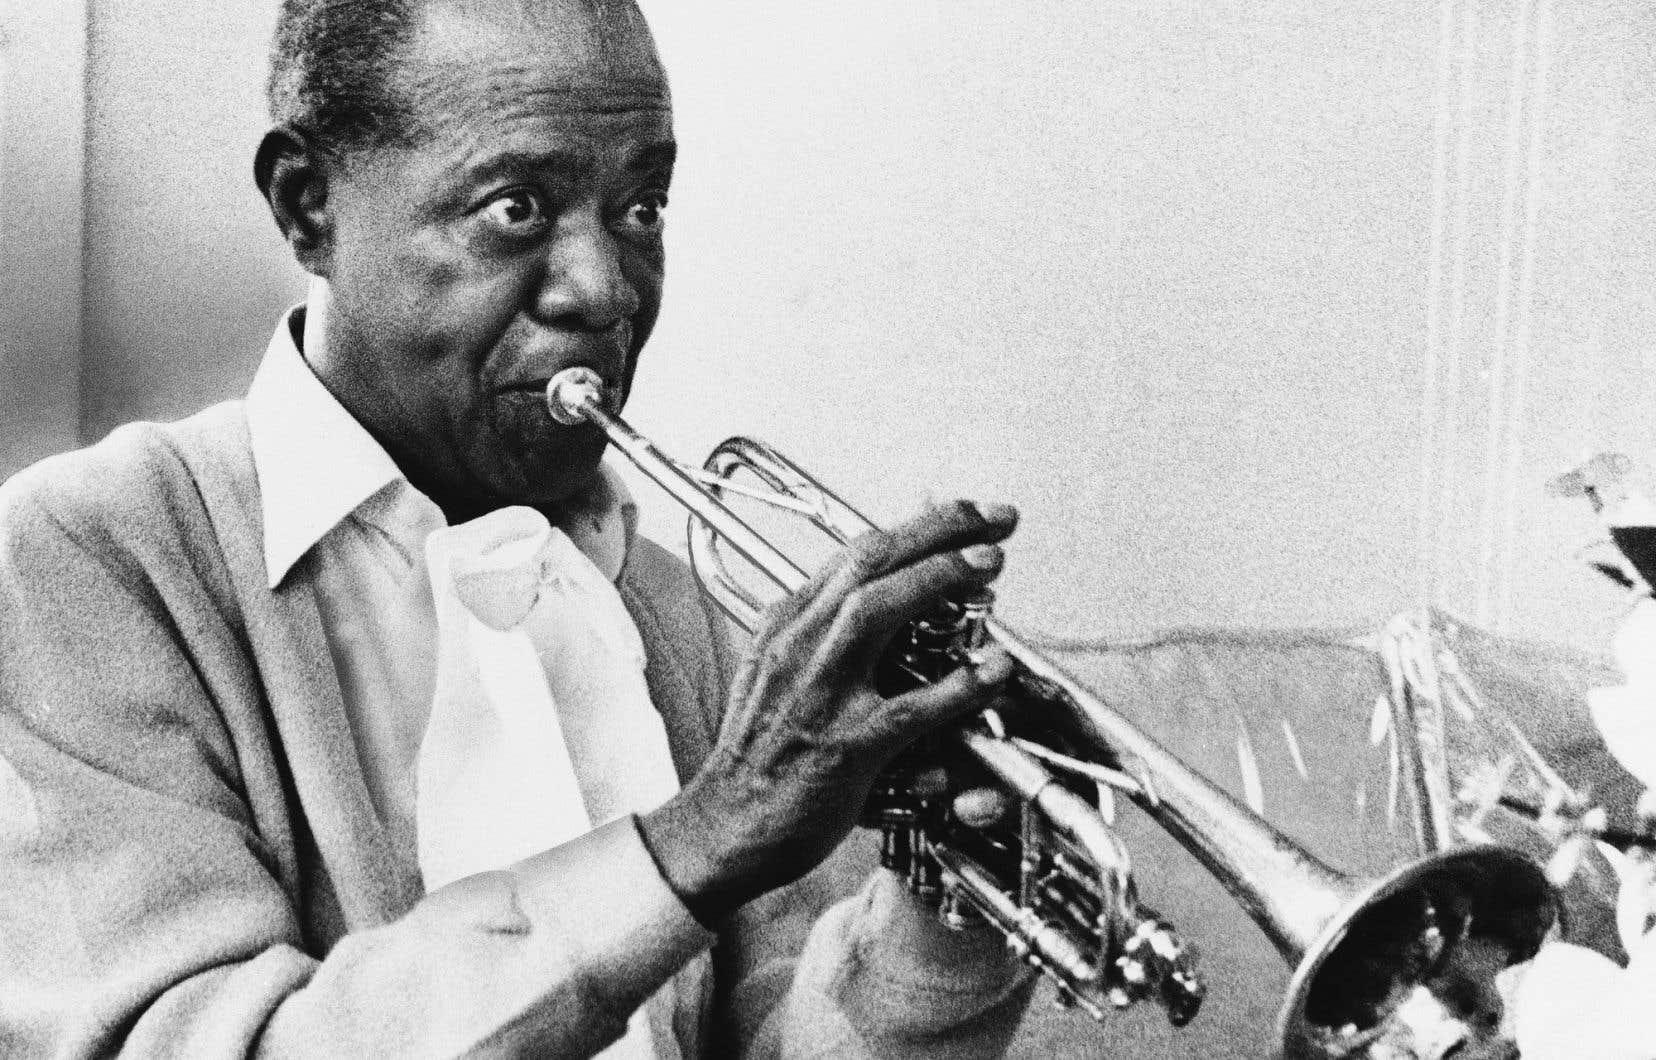 Plusieurs 78 tours de Louis Armstrong ont été numérisés grâce au Great 78 Project.